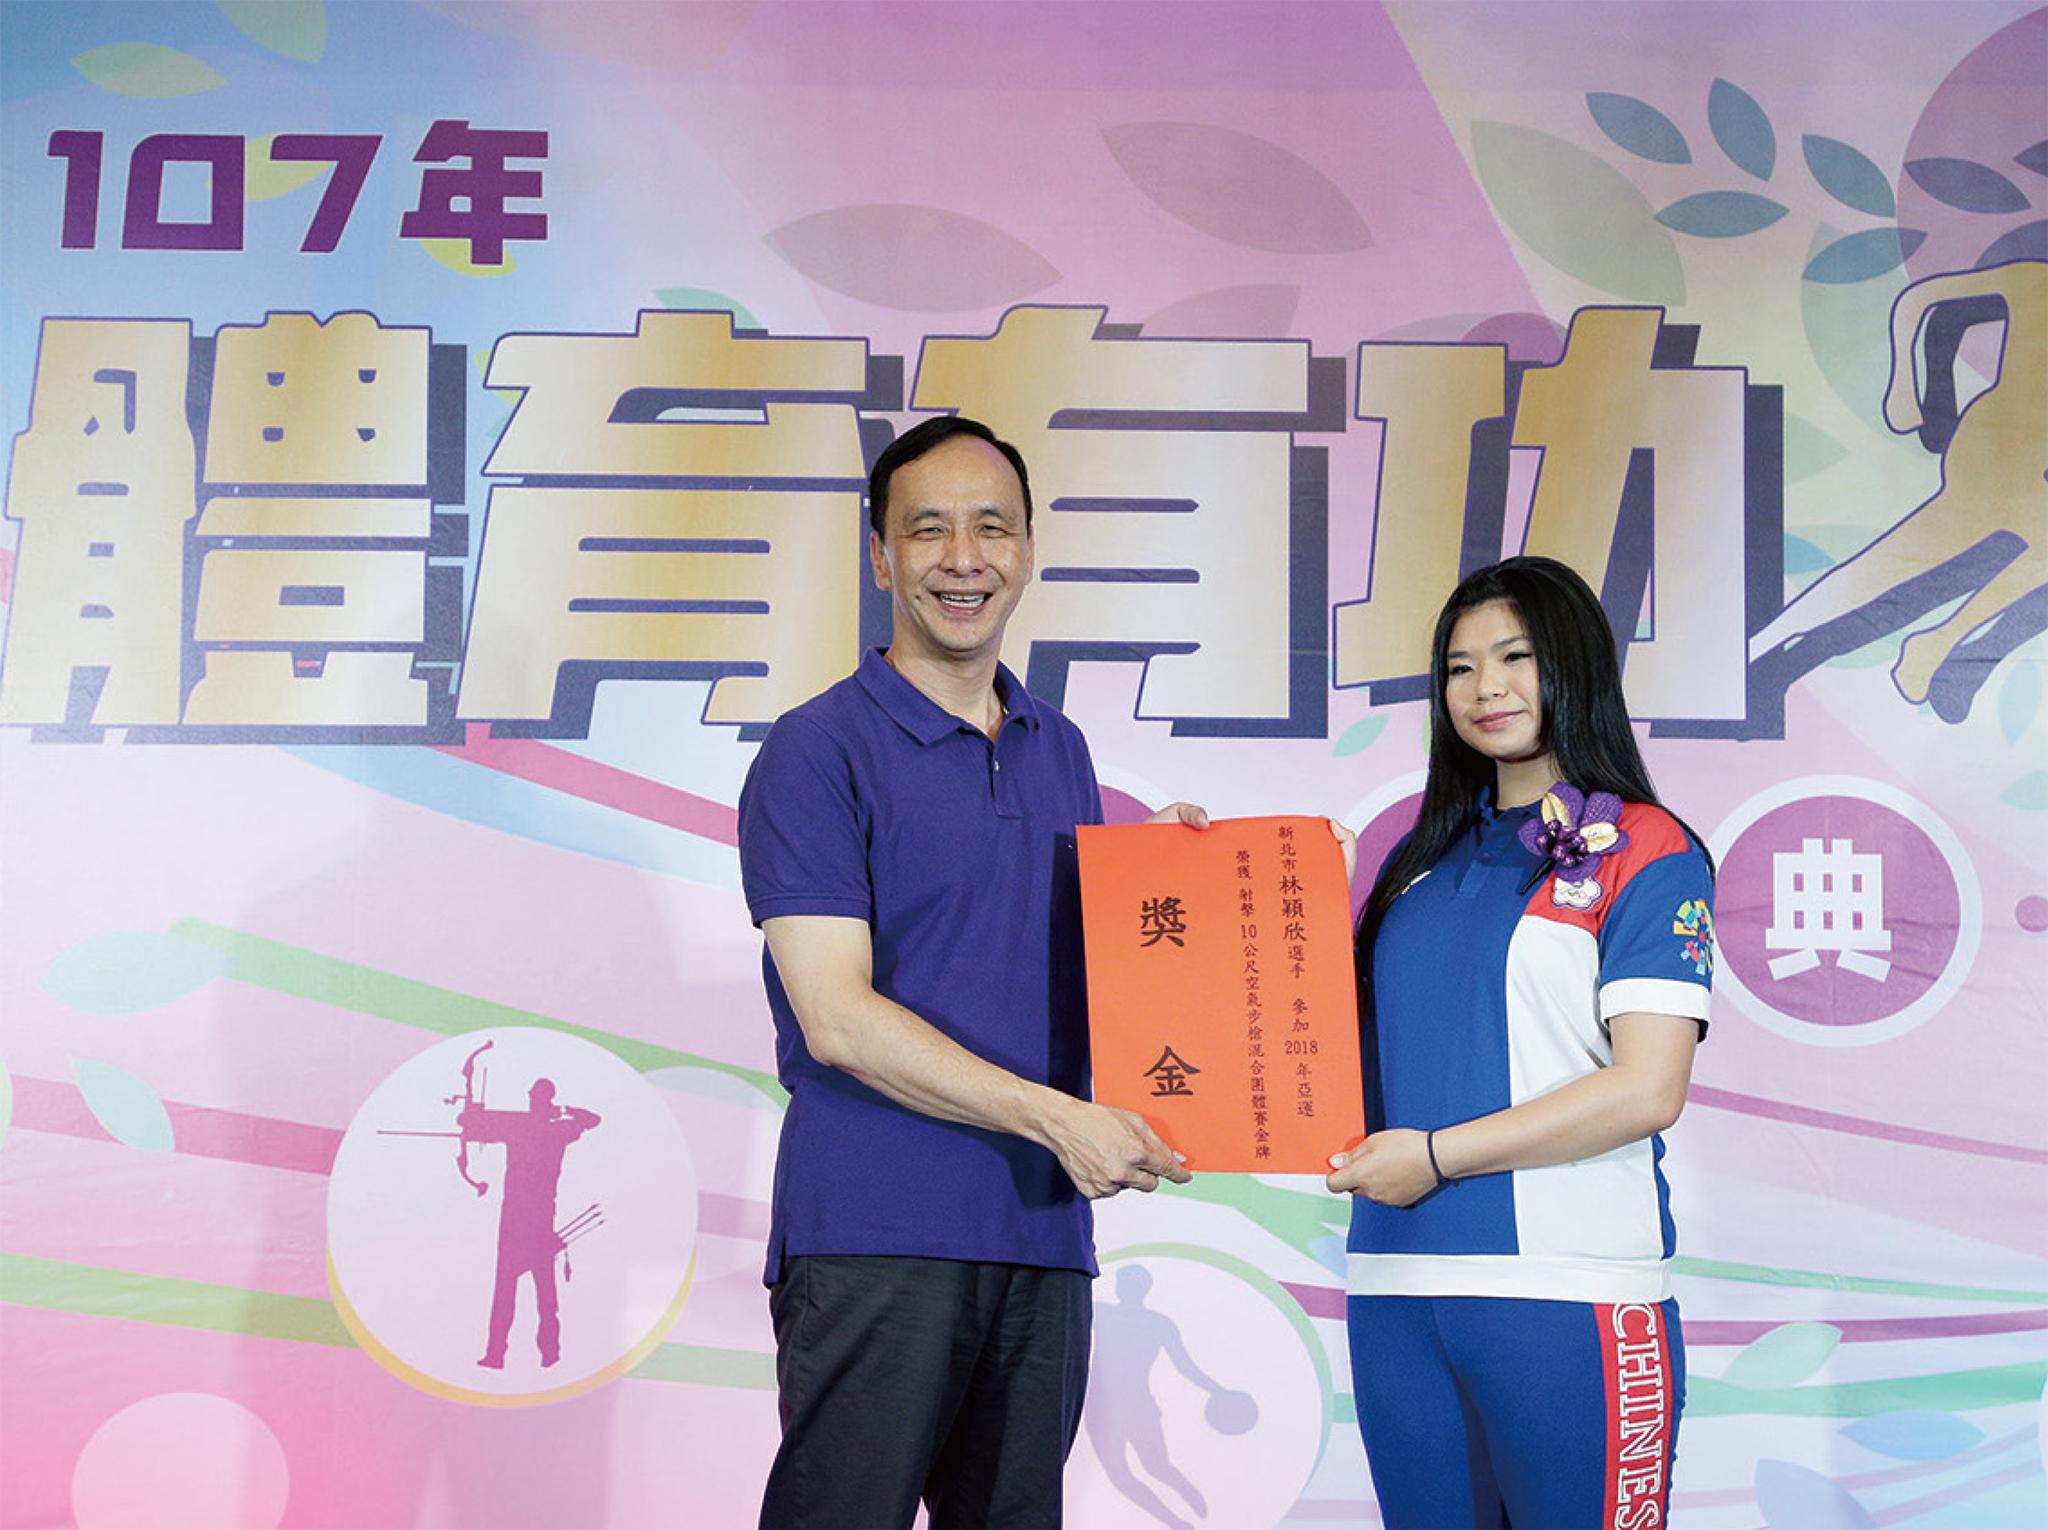 新北市長朱立倫頒獎祝賀林穎欣獲亞運金牌。(新北市體育處 提供)。